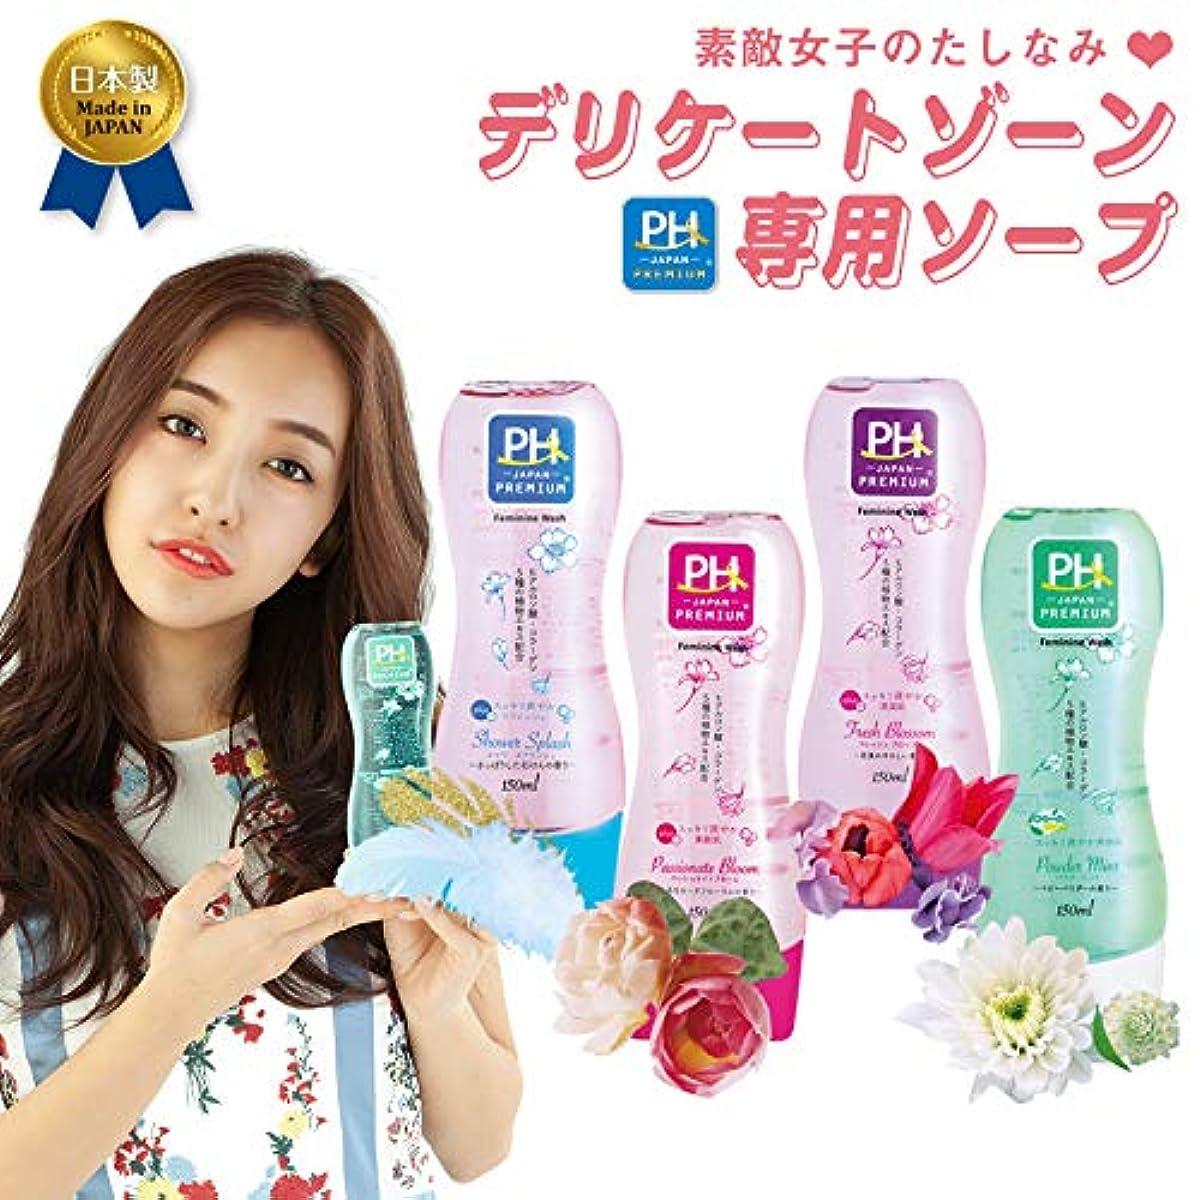 思春期の宿花弁フレッシュブロッソム4本セット PH JAPAN フェミニンウォッシュ 花束のやさしい香り